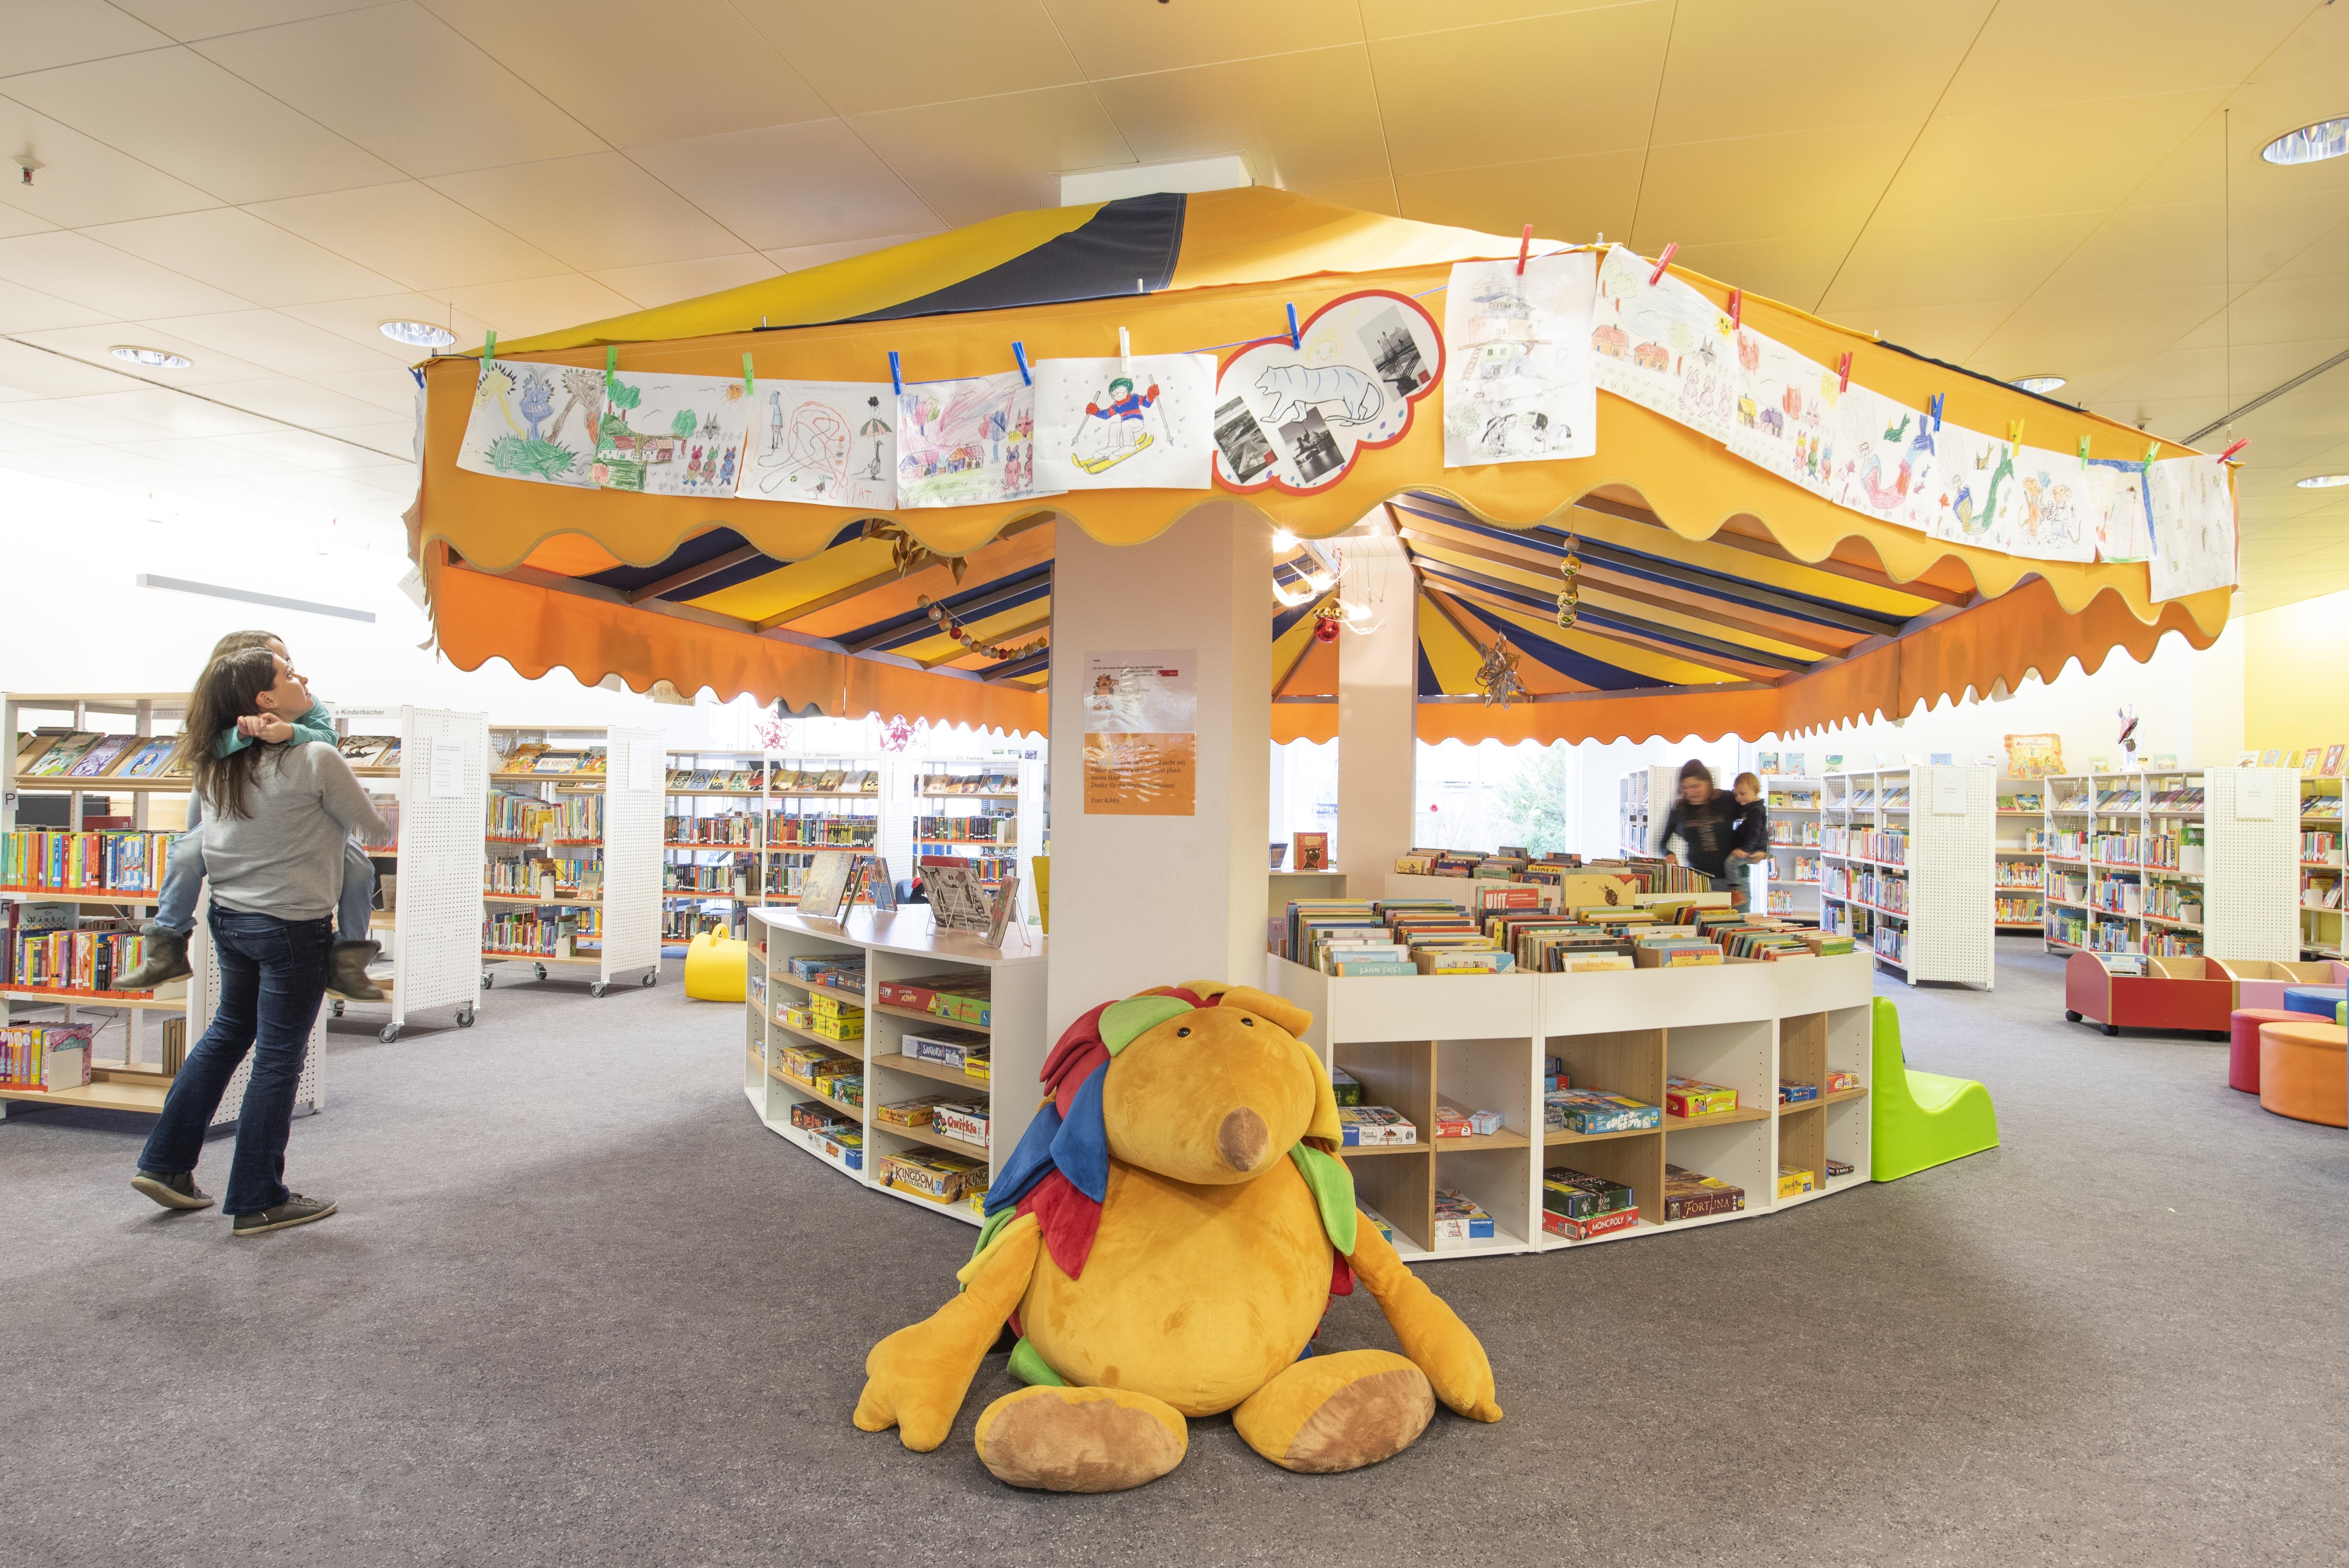 Raum mit Büchern und Schirmdach